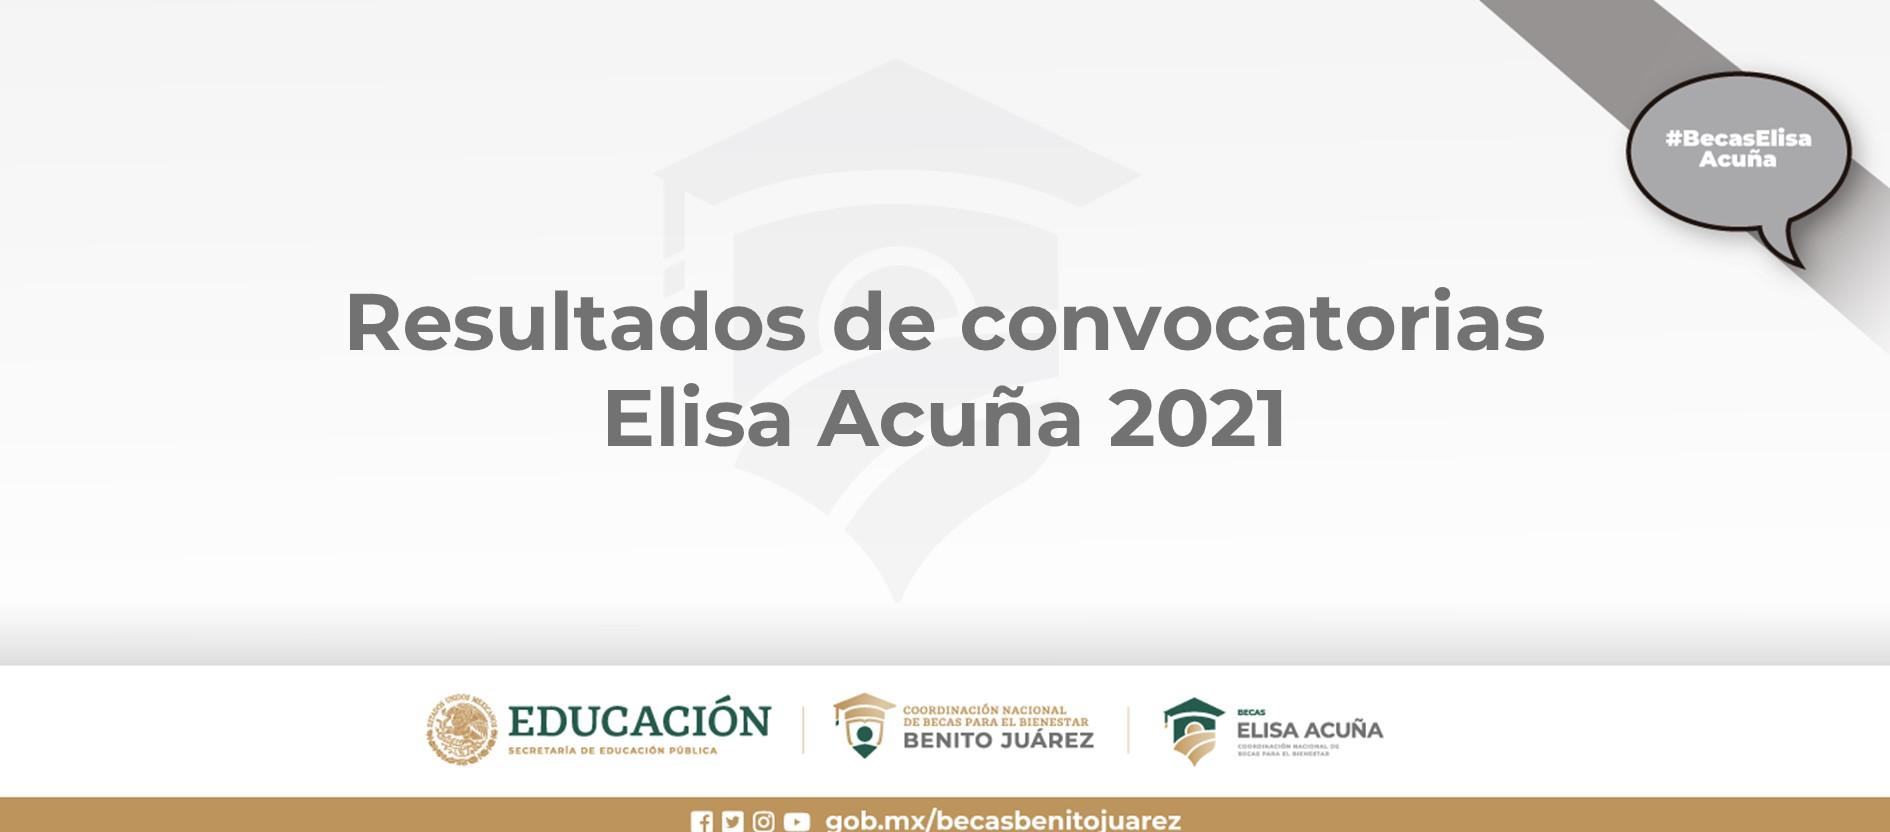 Resultados de convocatorias Elisa Acuña 2021